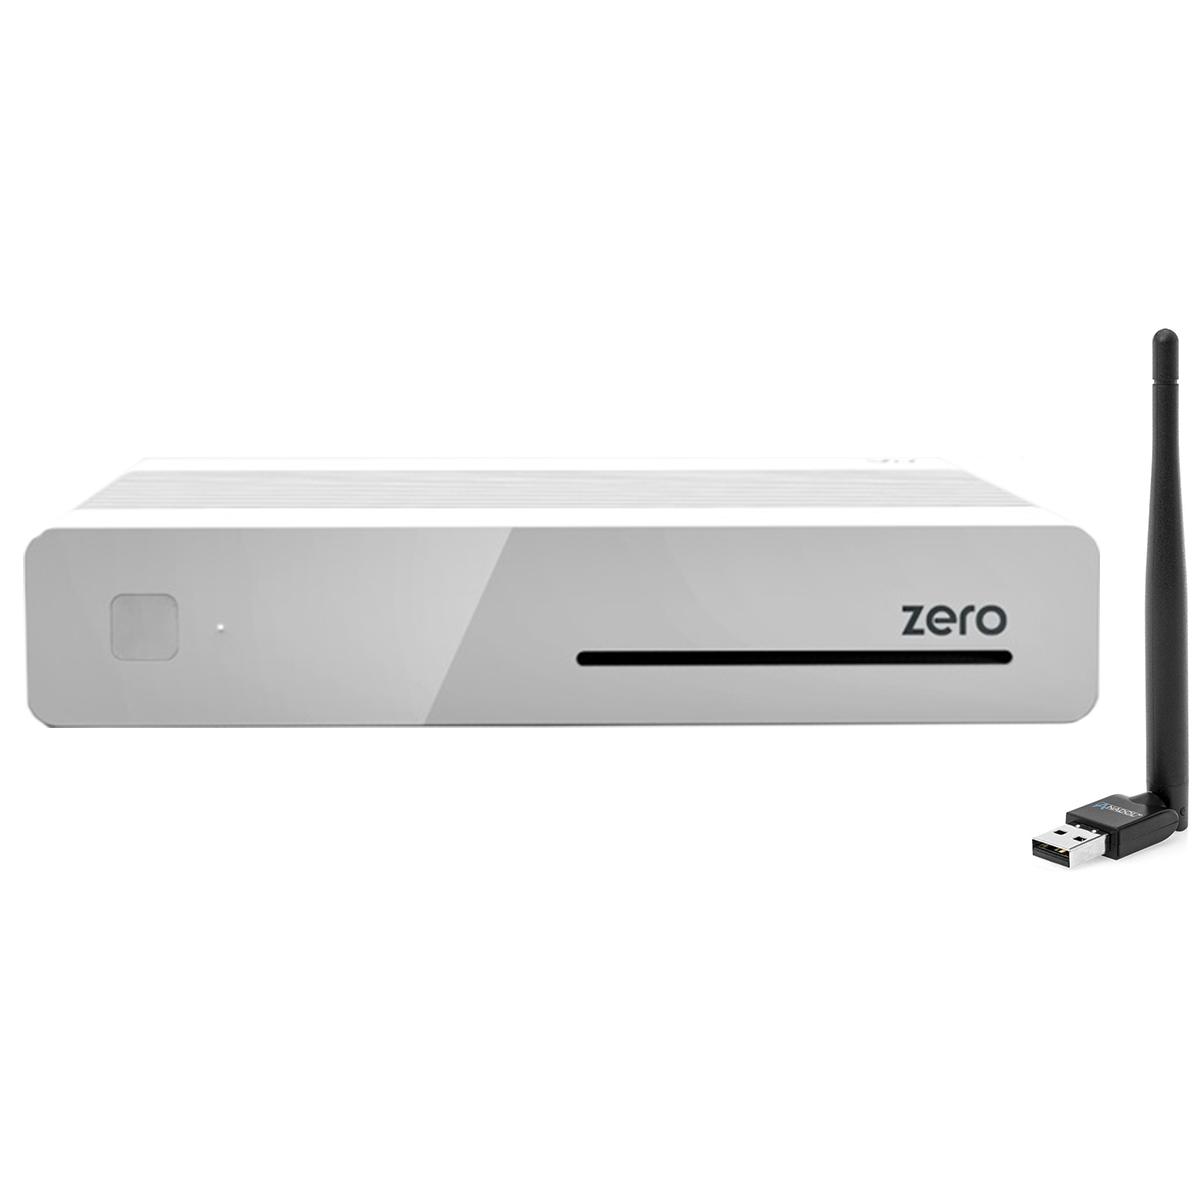 VU+ Plus Zero E2 Linux Full HD Sat 1xDVB-S2 Receiver Weiss + 150Mbit Wlan Stick XXX398